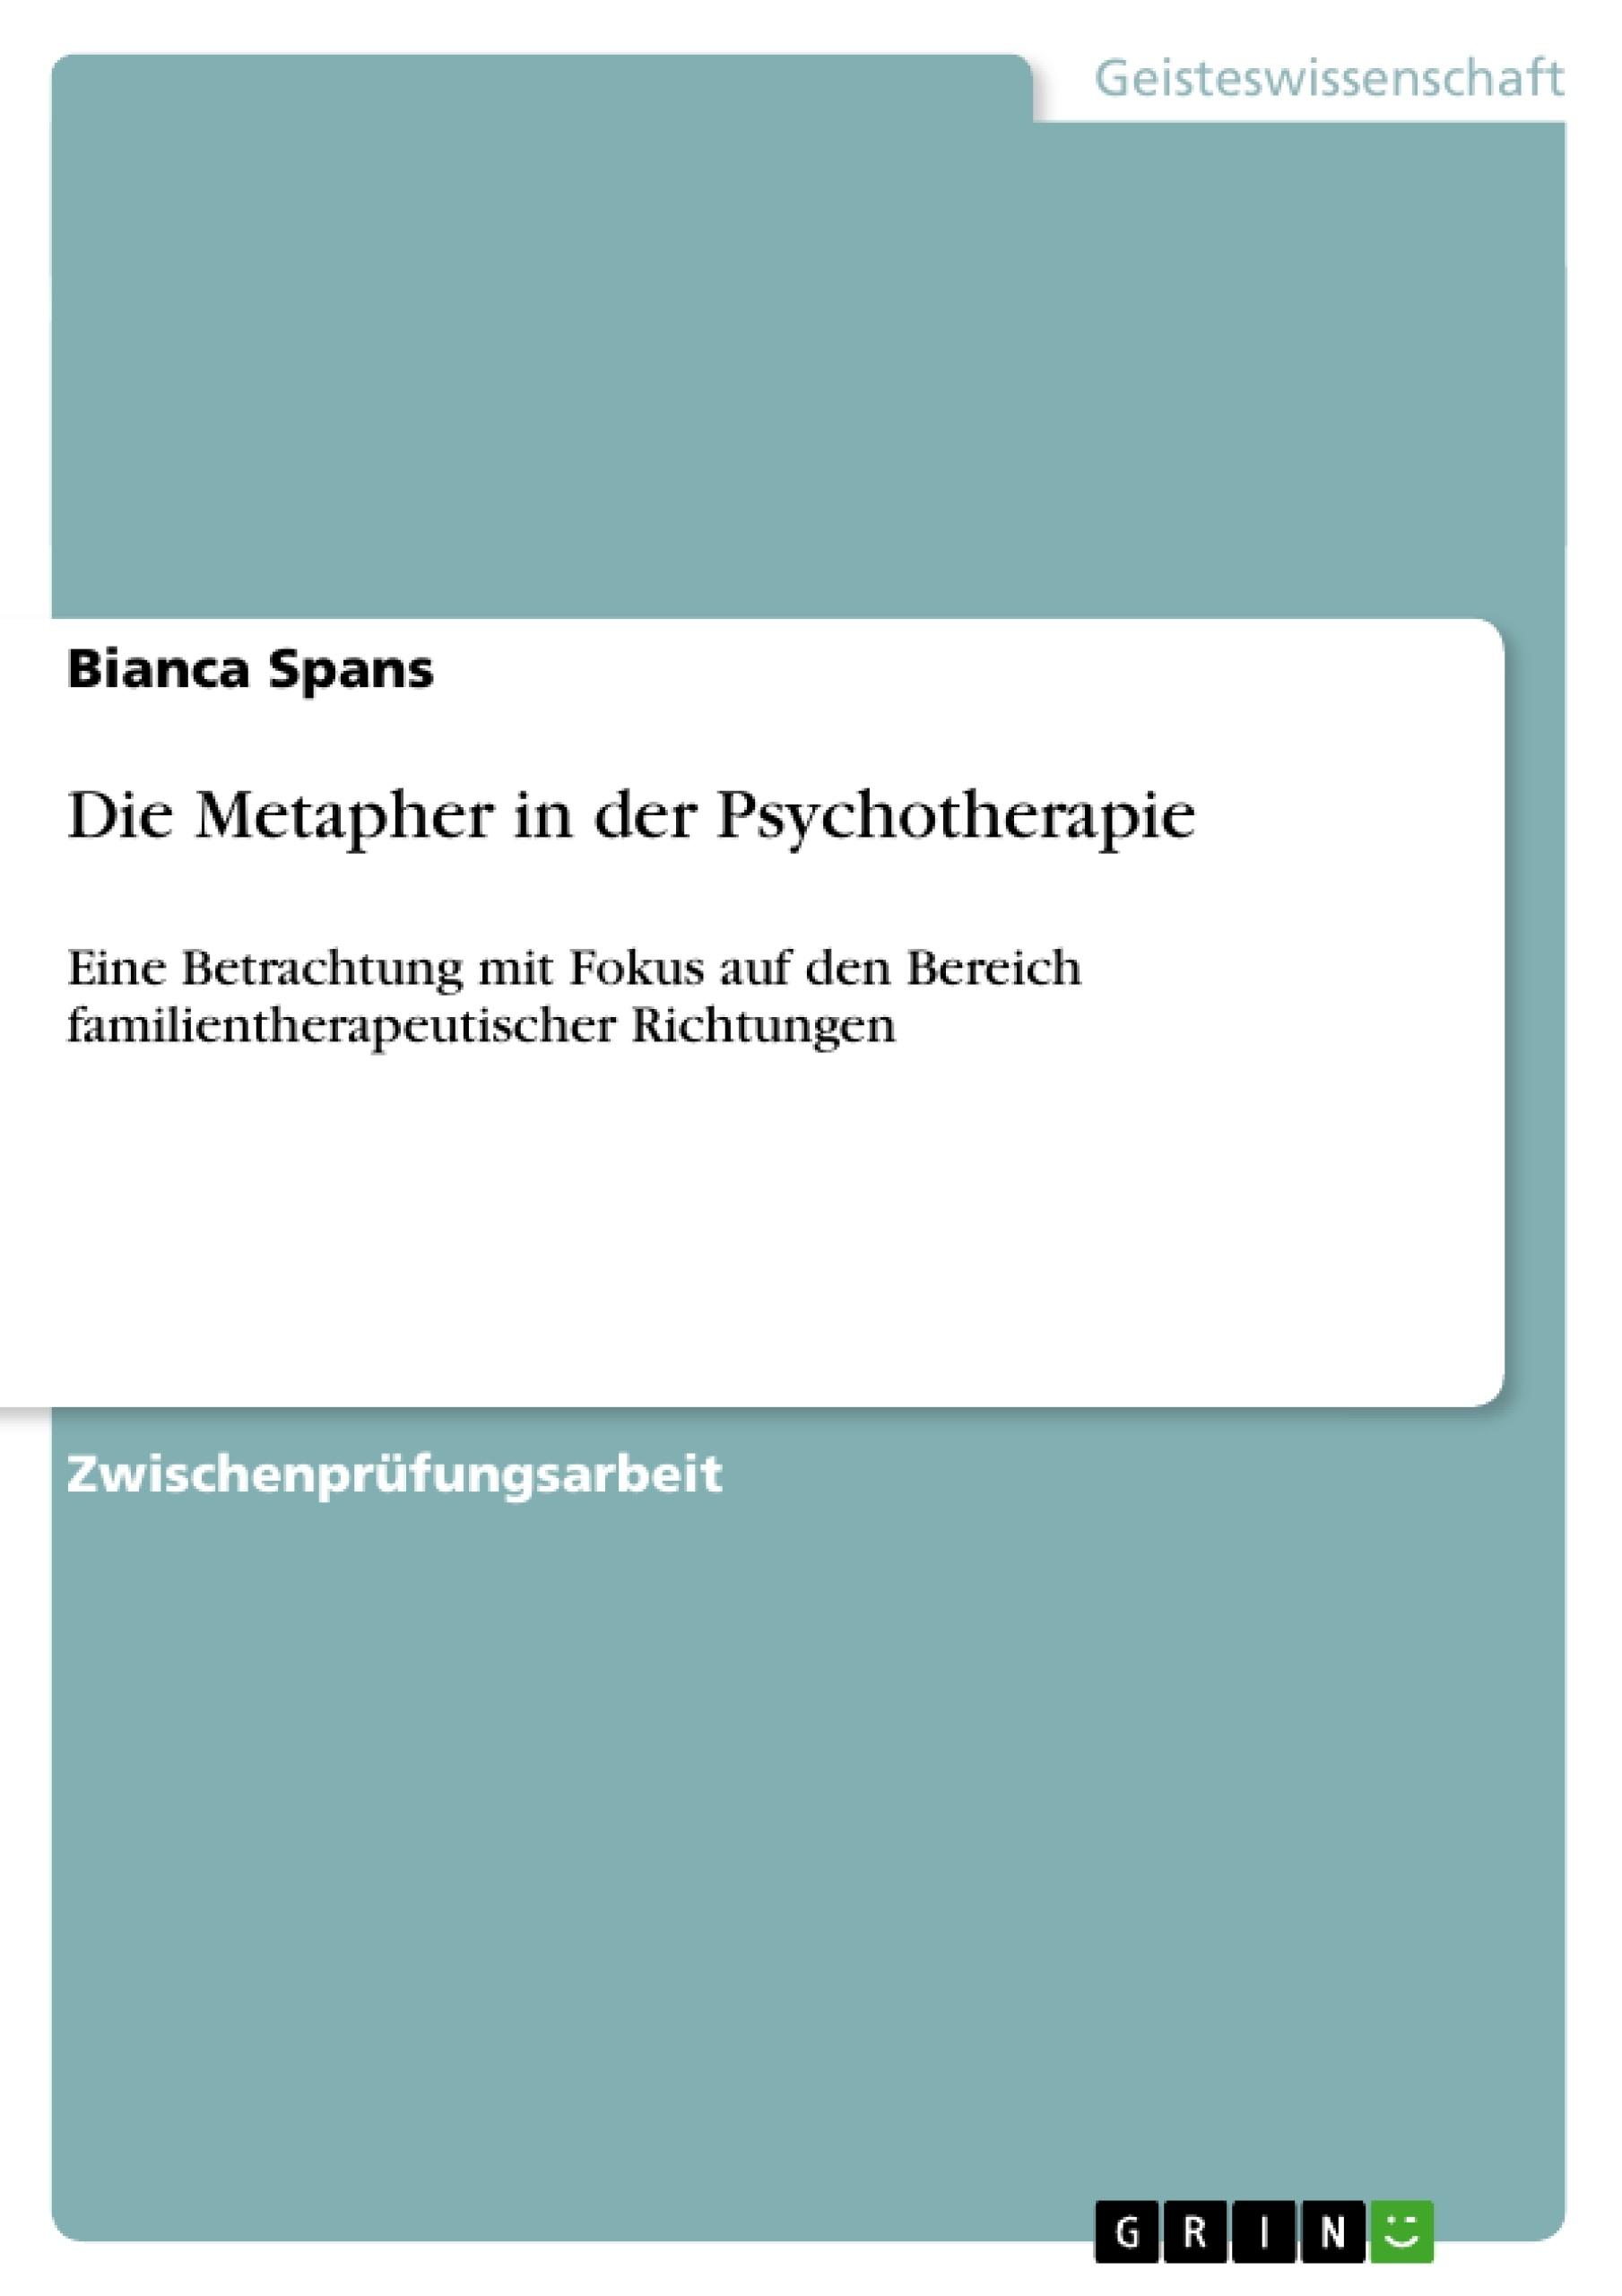 Titel: Die Metapher in der Psychotherapie